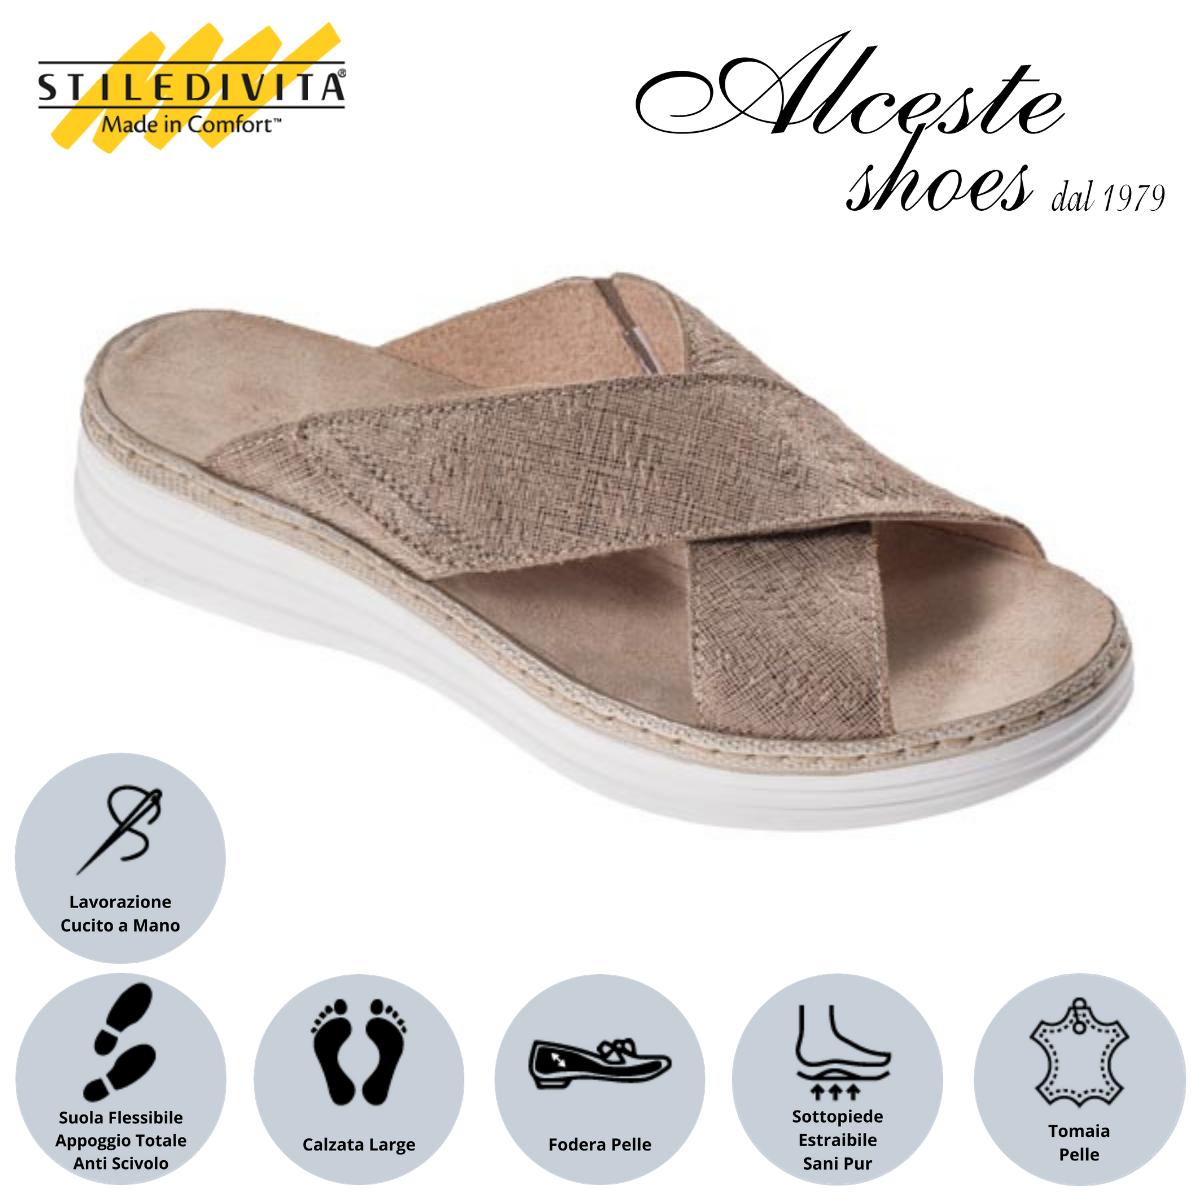 Ciabatta Stiledivita Art. 8388 Camoscio Stampato Corda Alceste Shoes 16